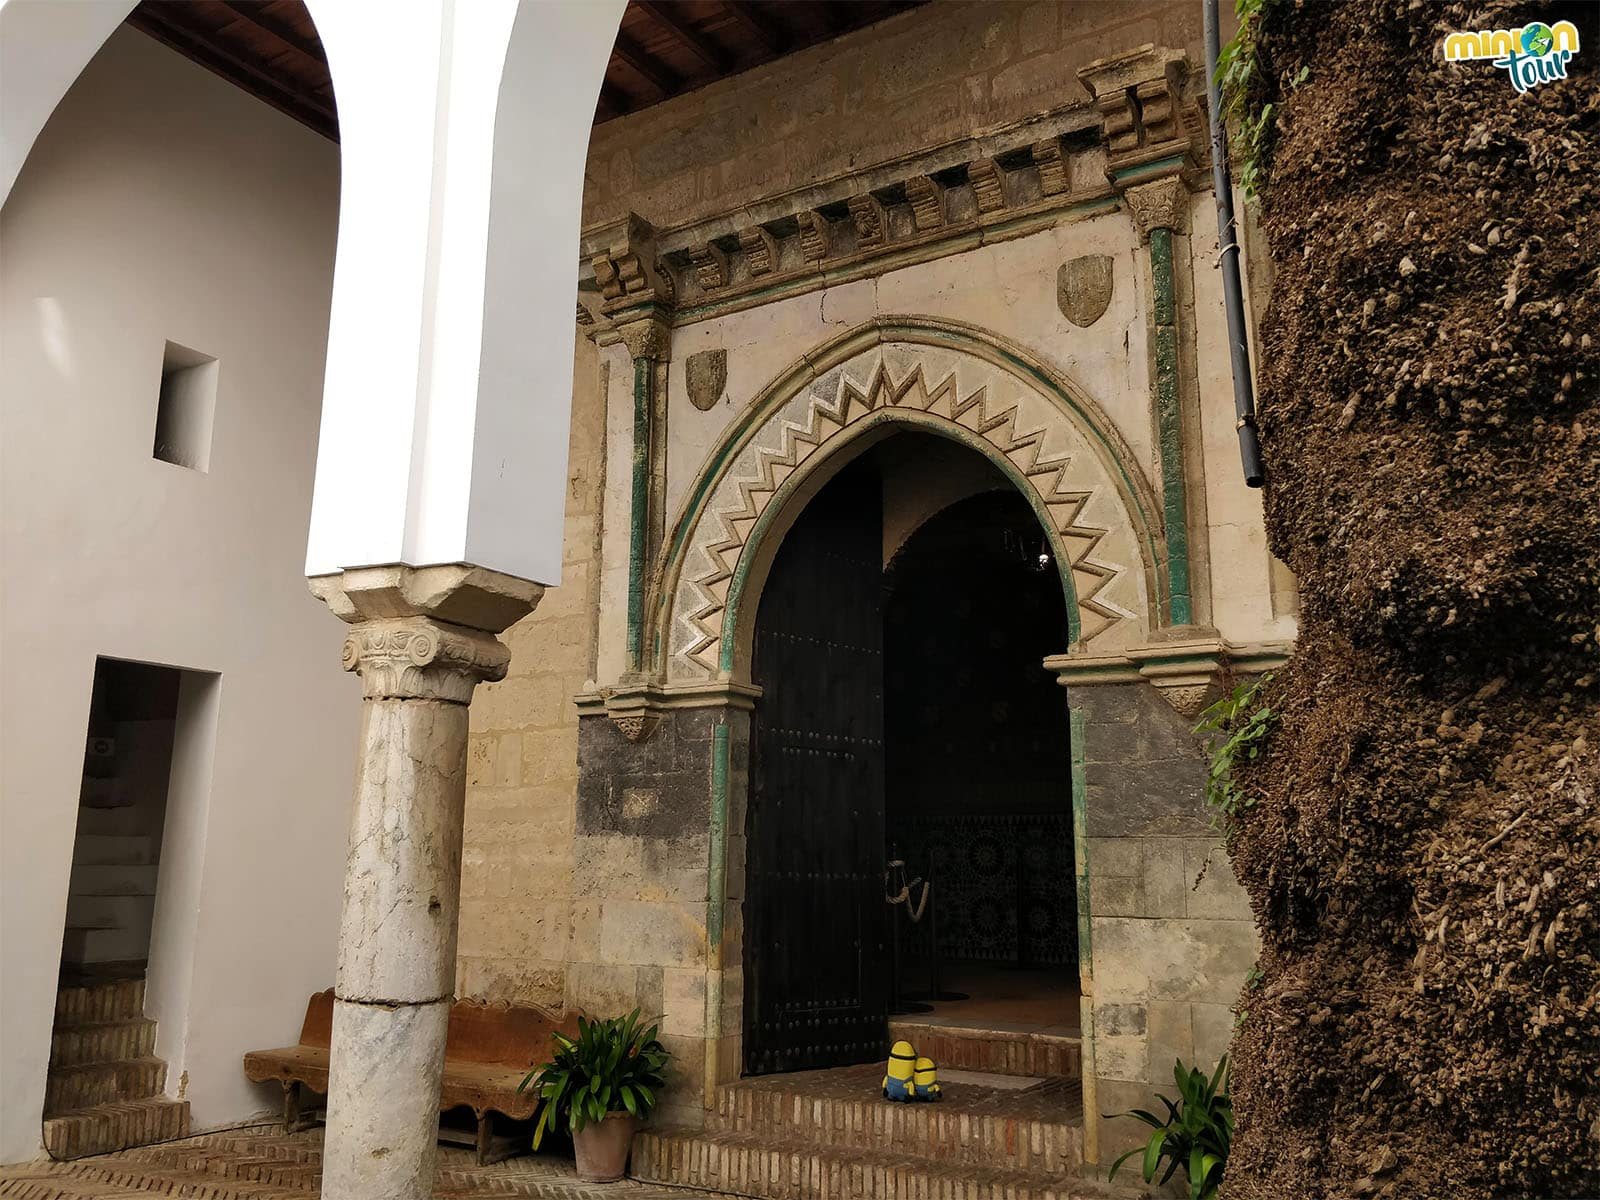 Entrando a la Capilla de San Bartolomé